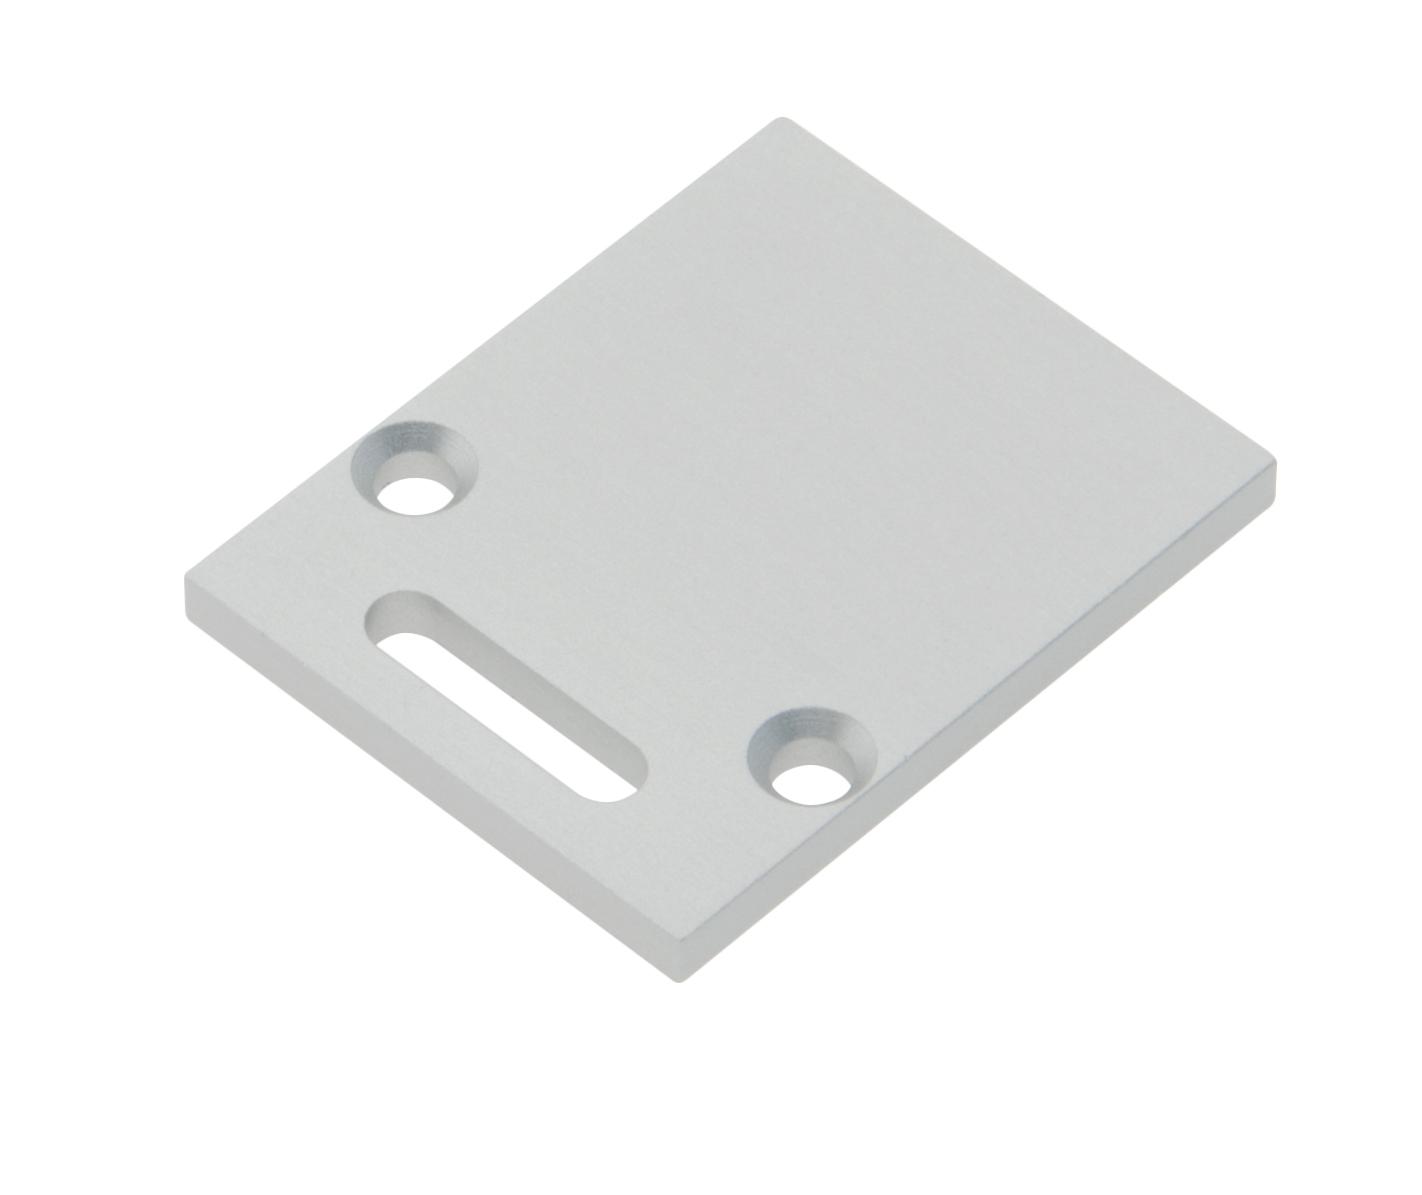 1 Stk Profil Endkappe TBL Eckig mit Langloch inkl. Schrauben LIEK002821